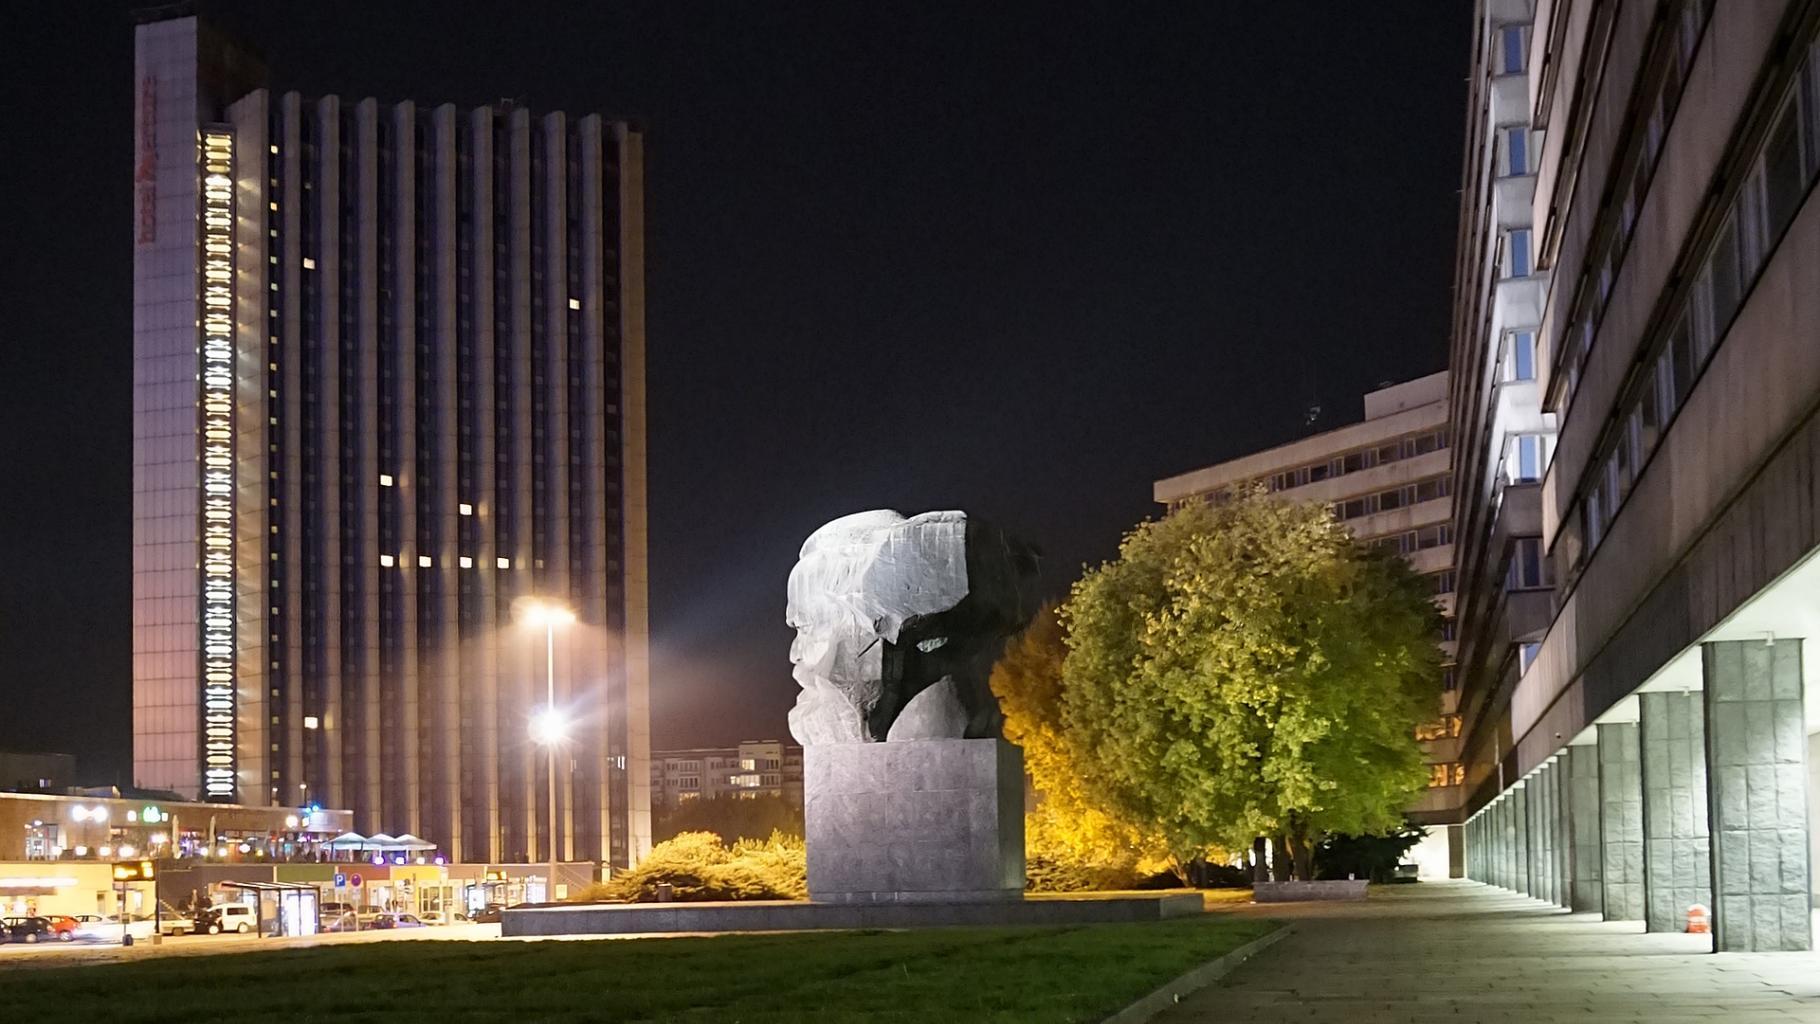 Das ehemalige Karl-Marx-Forum in Chemnitz bei Nacht